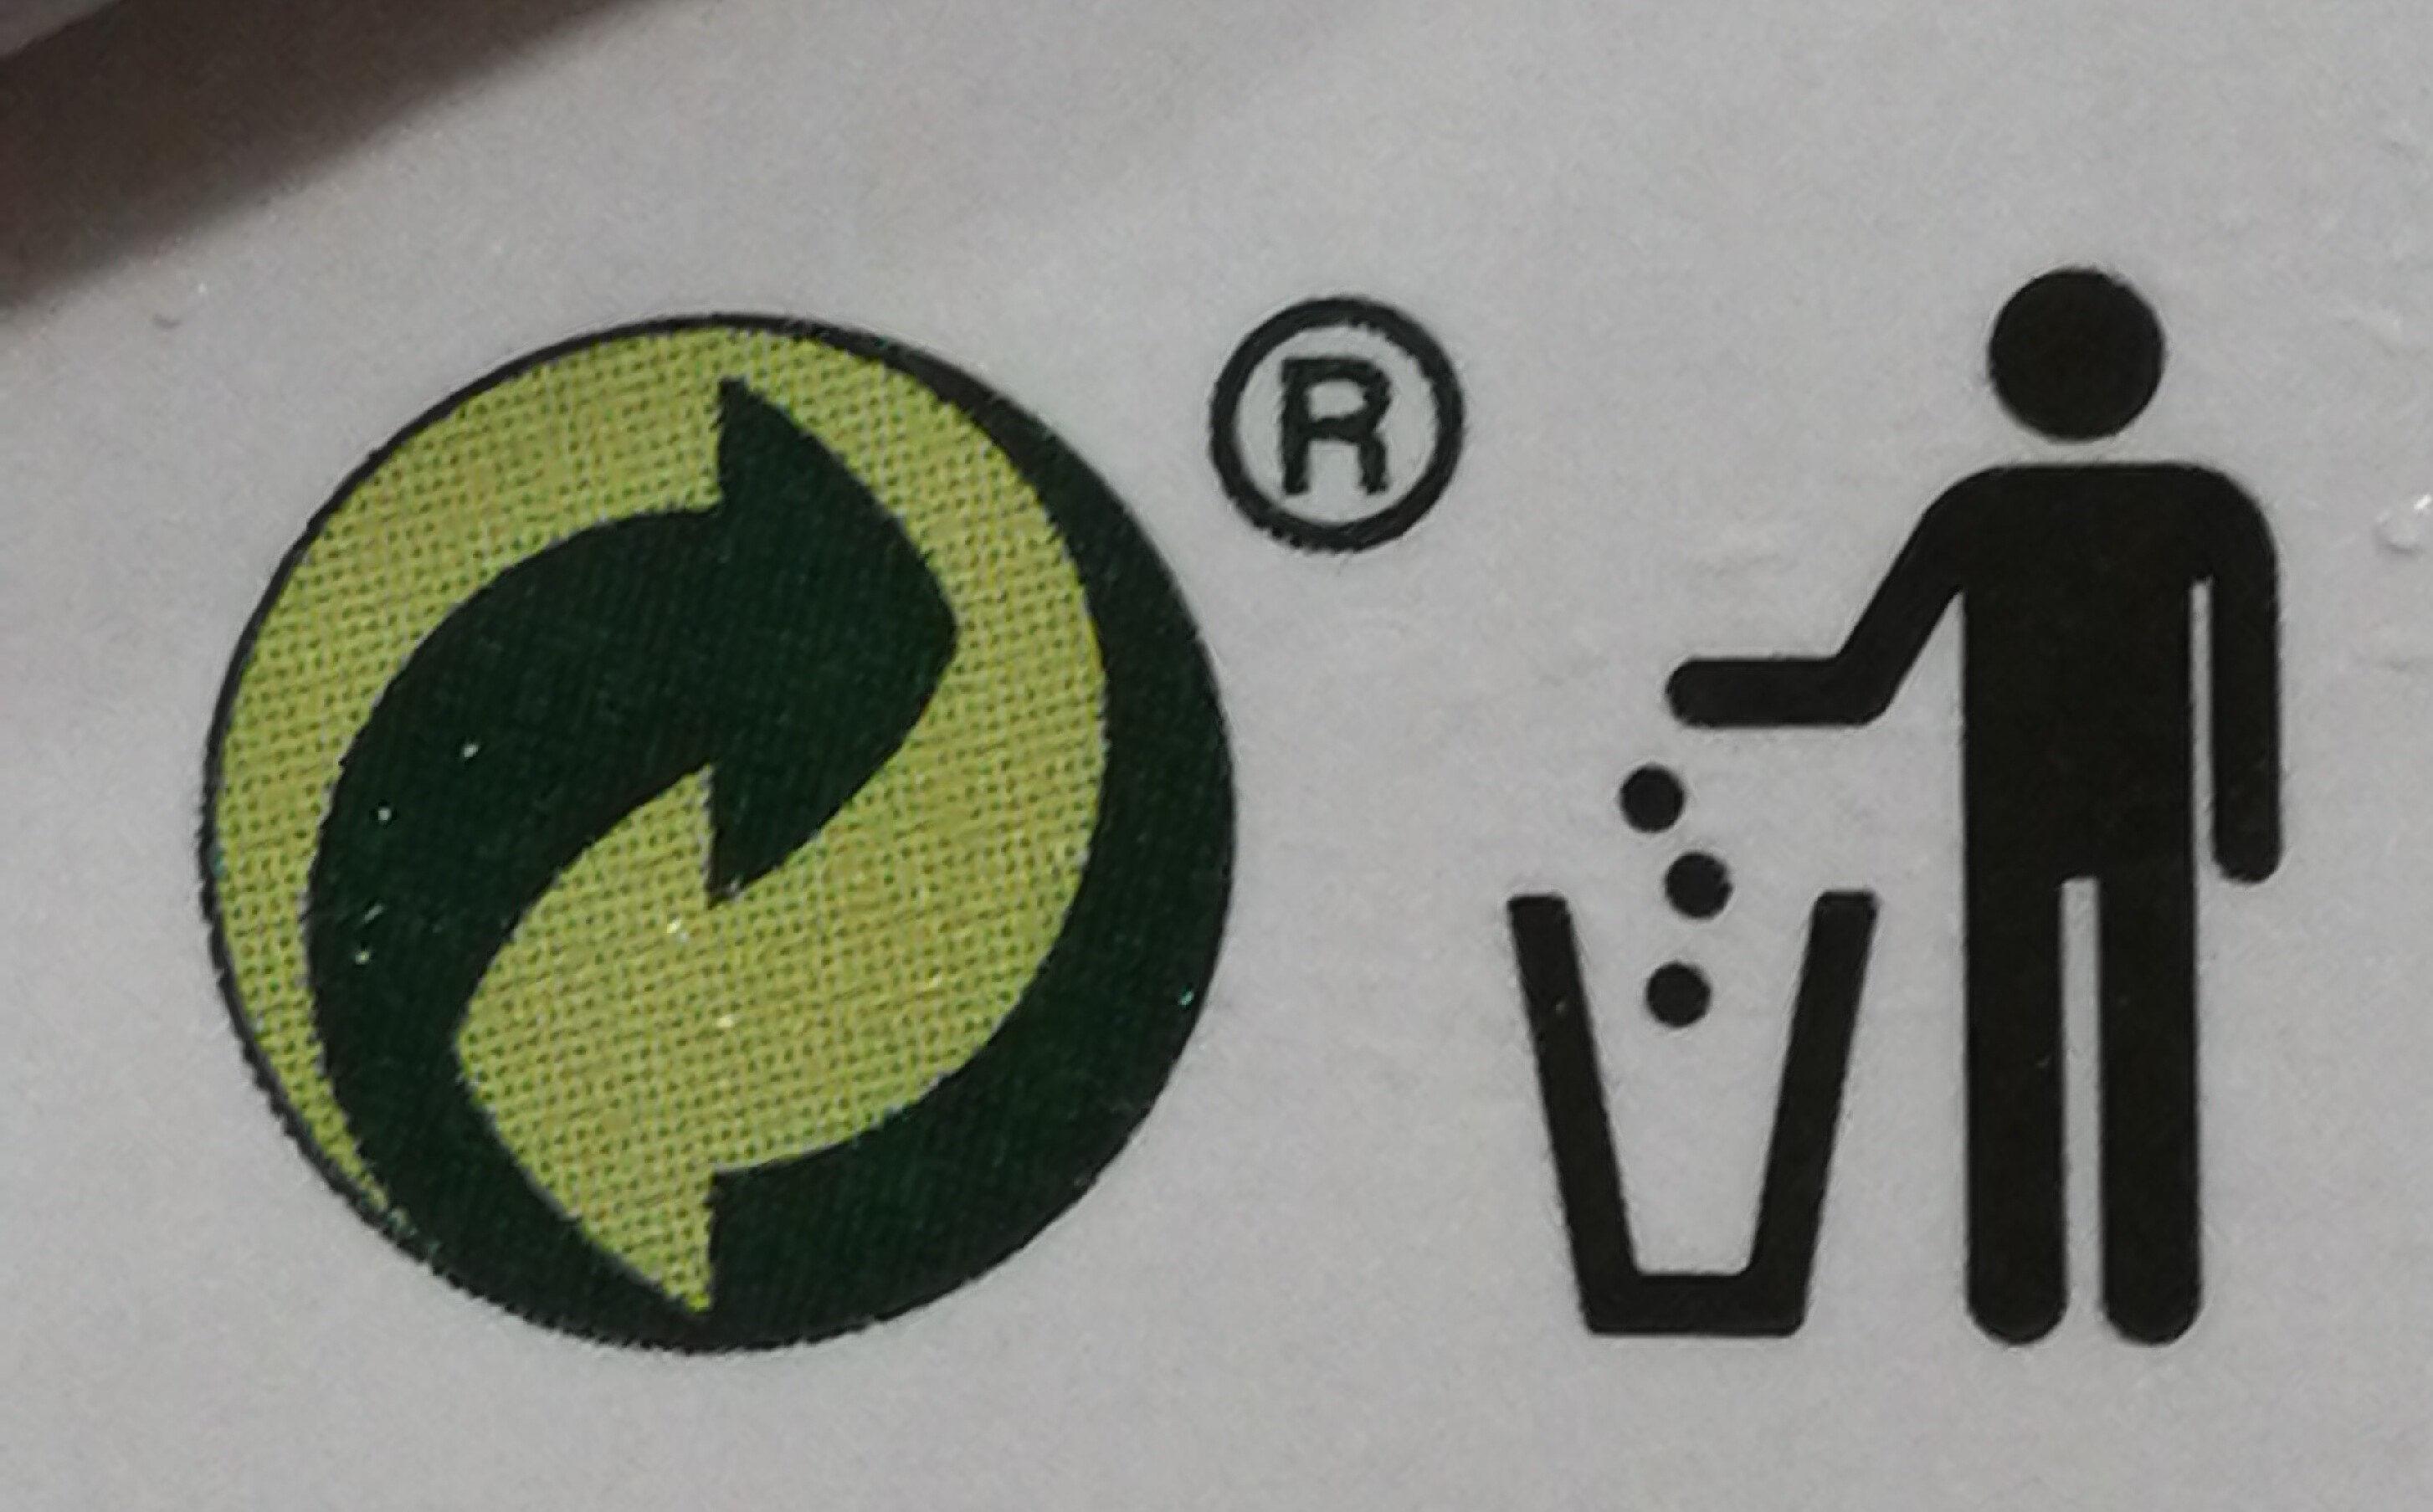 Coconut Milk U.H.T. - Instruction de recyclage et/ou informations d'emballage - fr